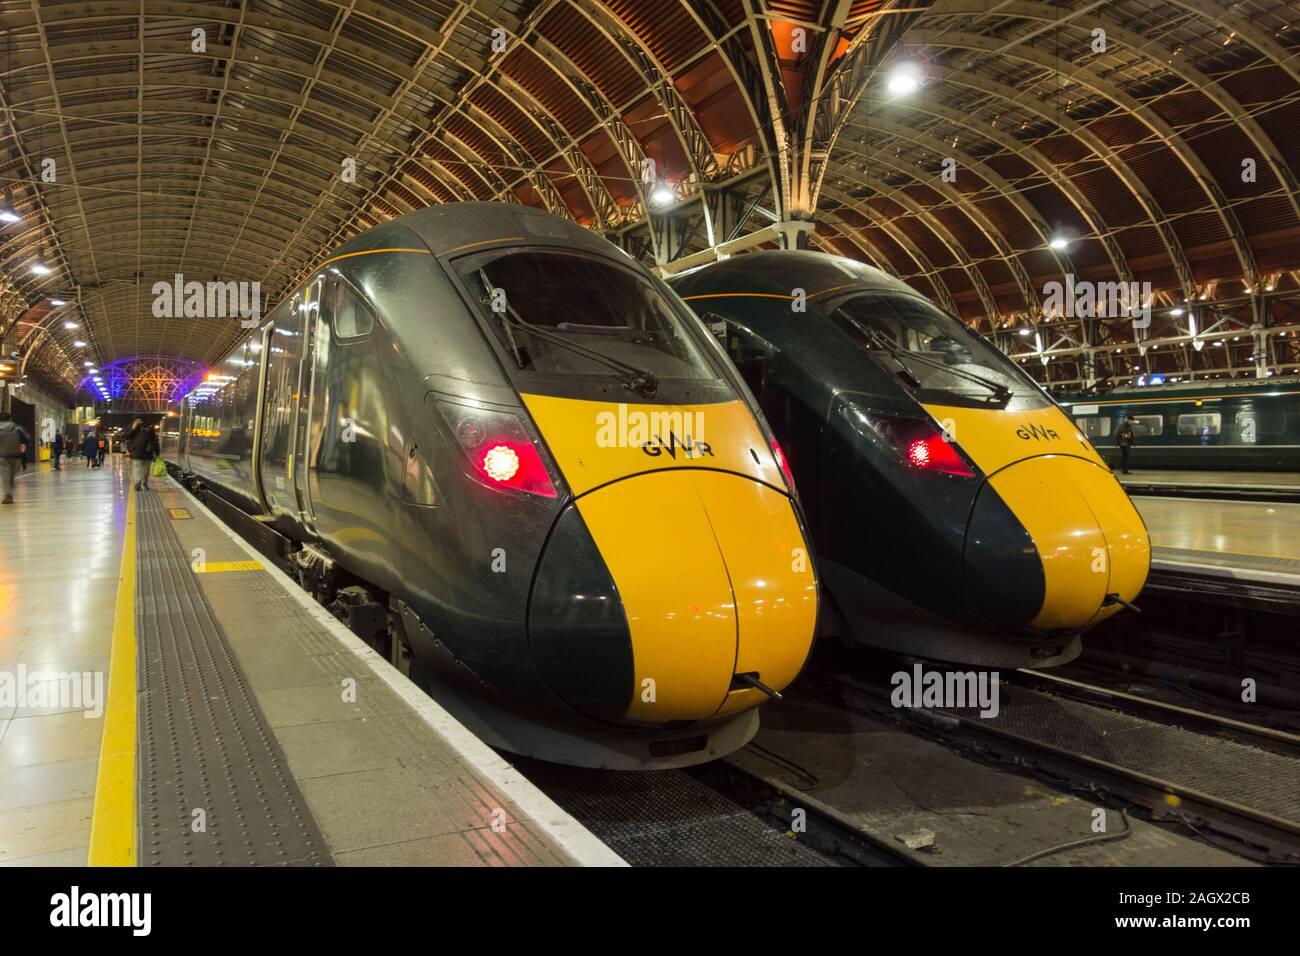 The windscreens of Hitachi Class 800 Intercity Express Trains at Paddington Station, London, UK Stock Photo